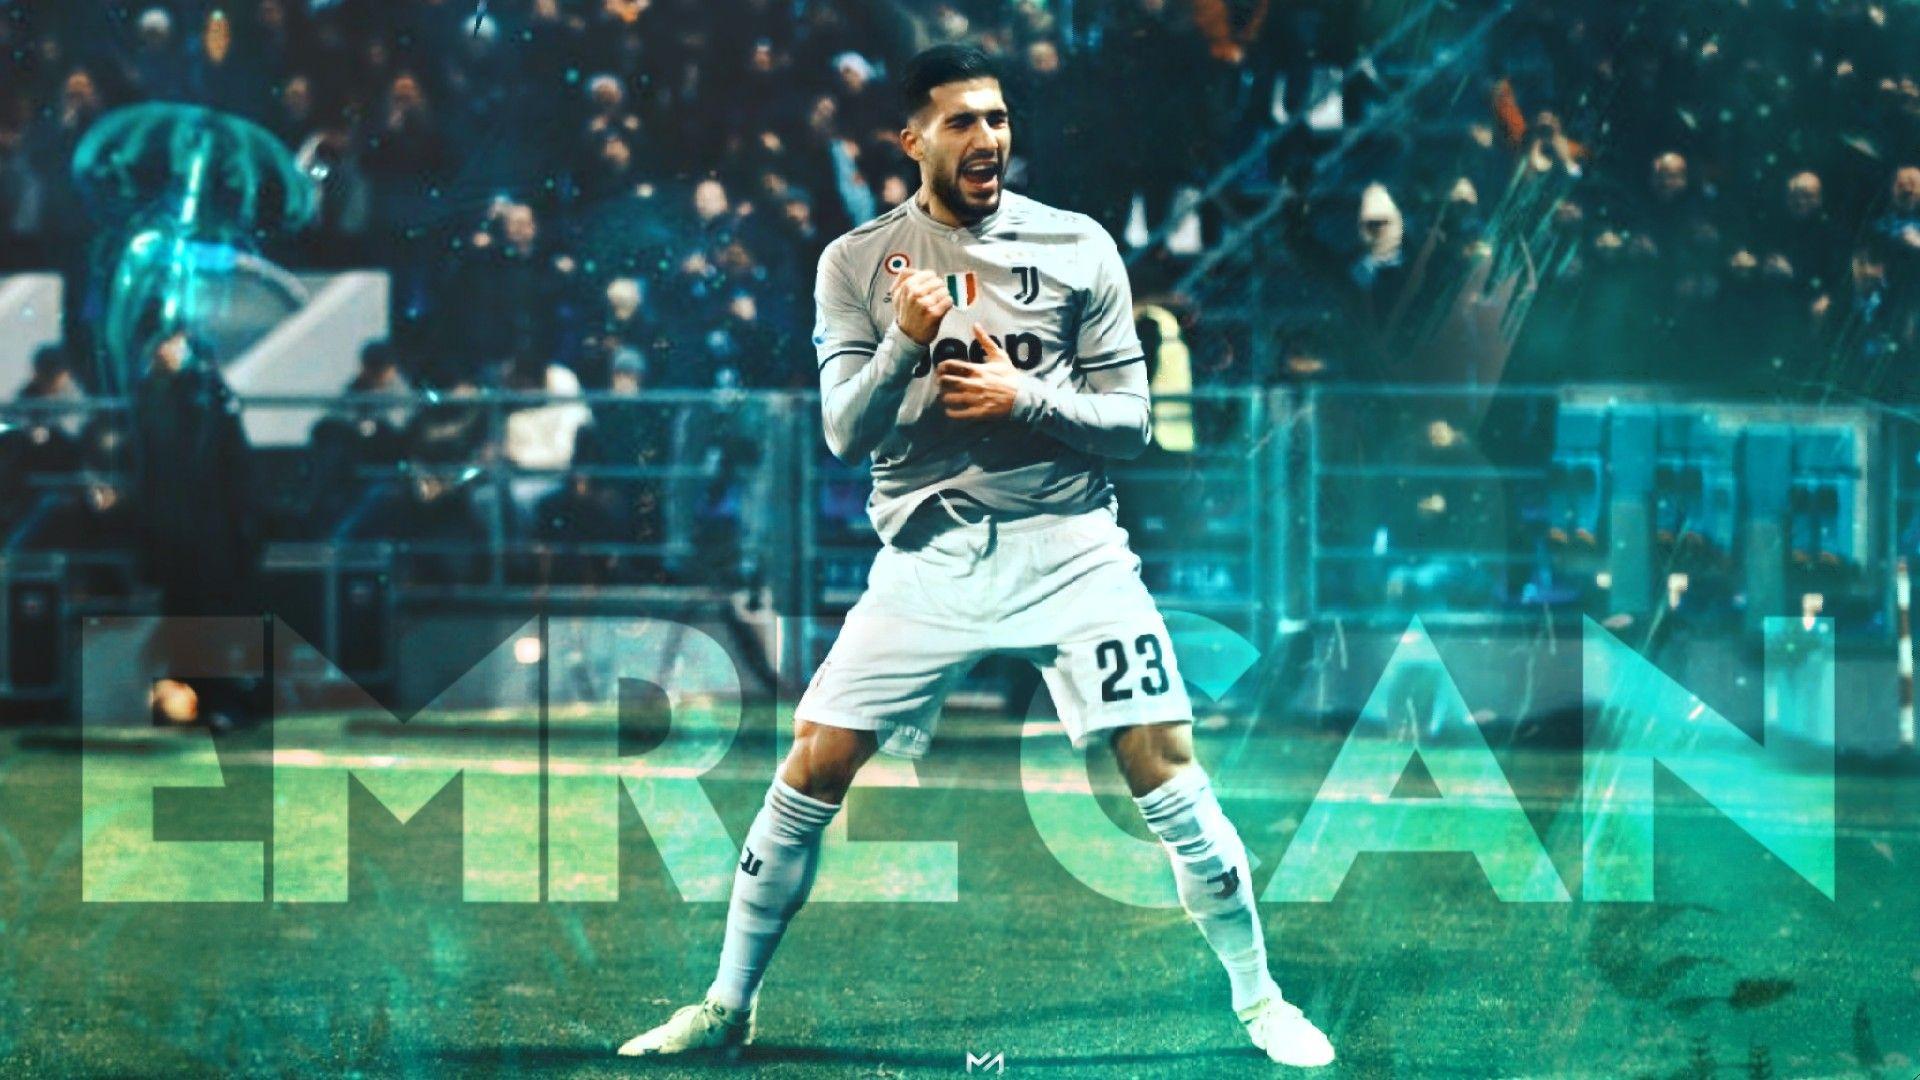 Emre can. Desktop wallpaper Sport poster, Emre can, The